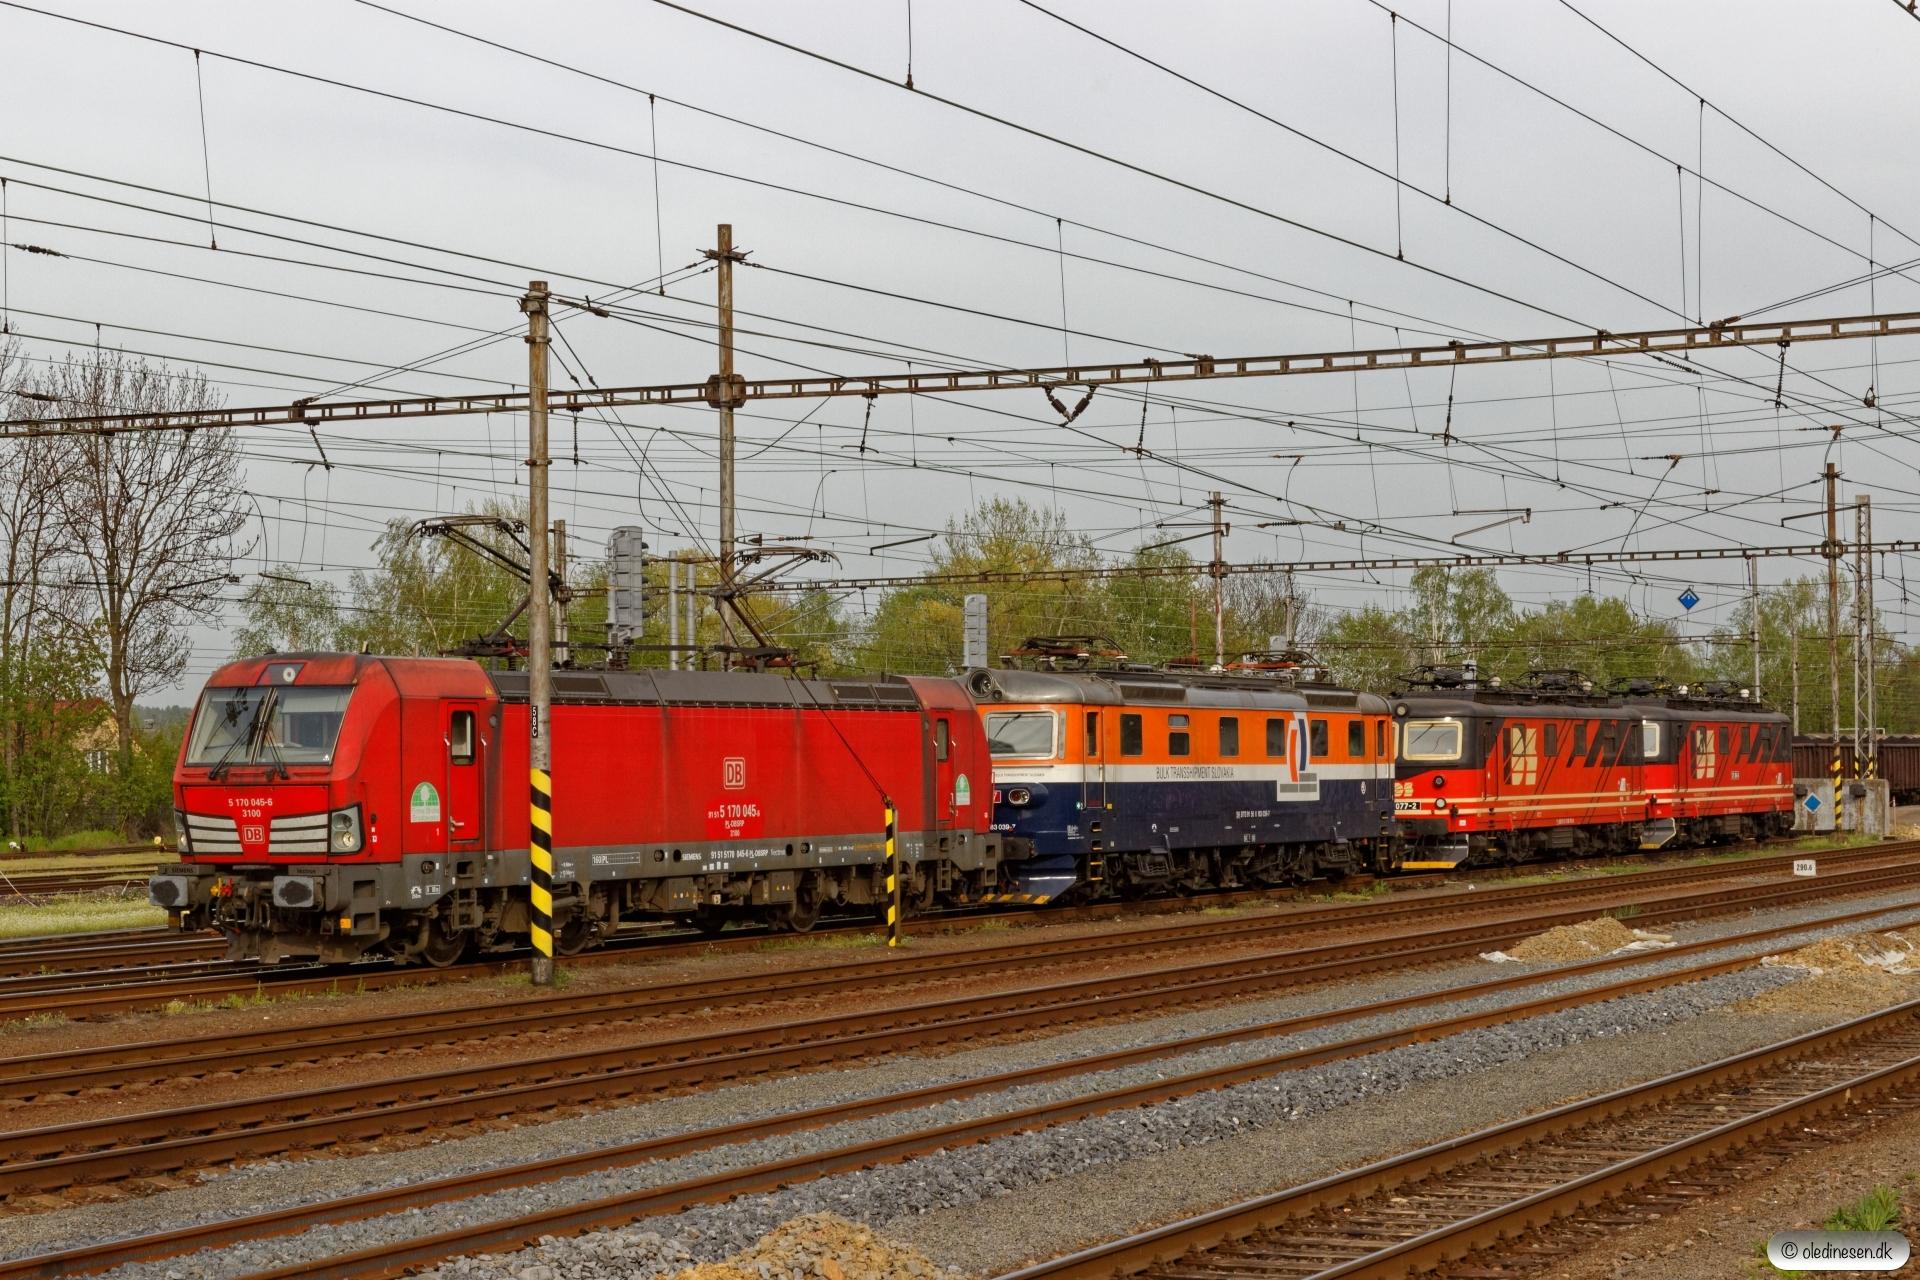 DBSRP 5 170 045-6, BTS 183 039-7 og IDS 121 077-2+IDSC 121 084-8. Petrovice u Karviné (Tjekkiet) 26.04.2019 kl. 17.16.